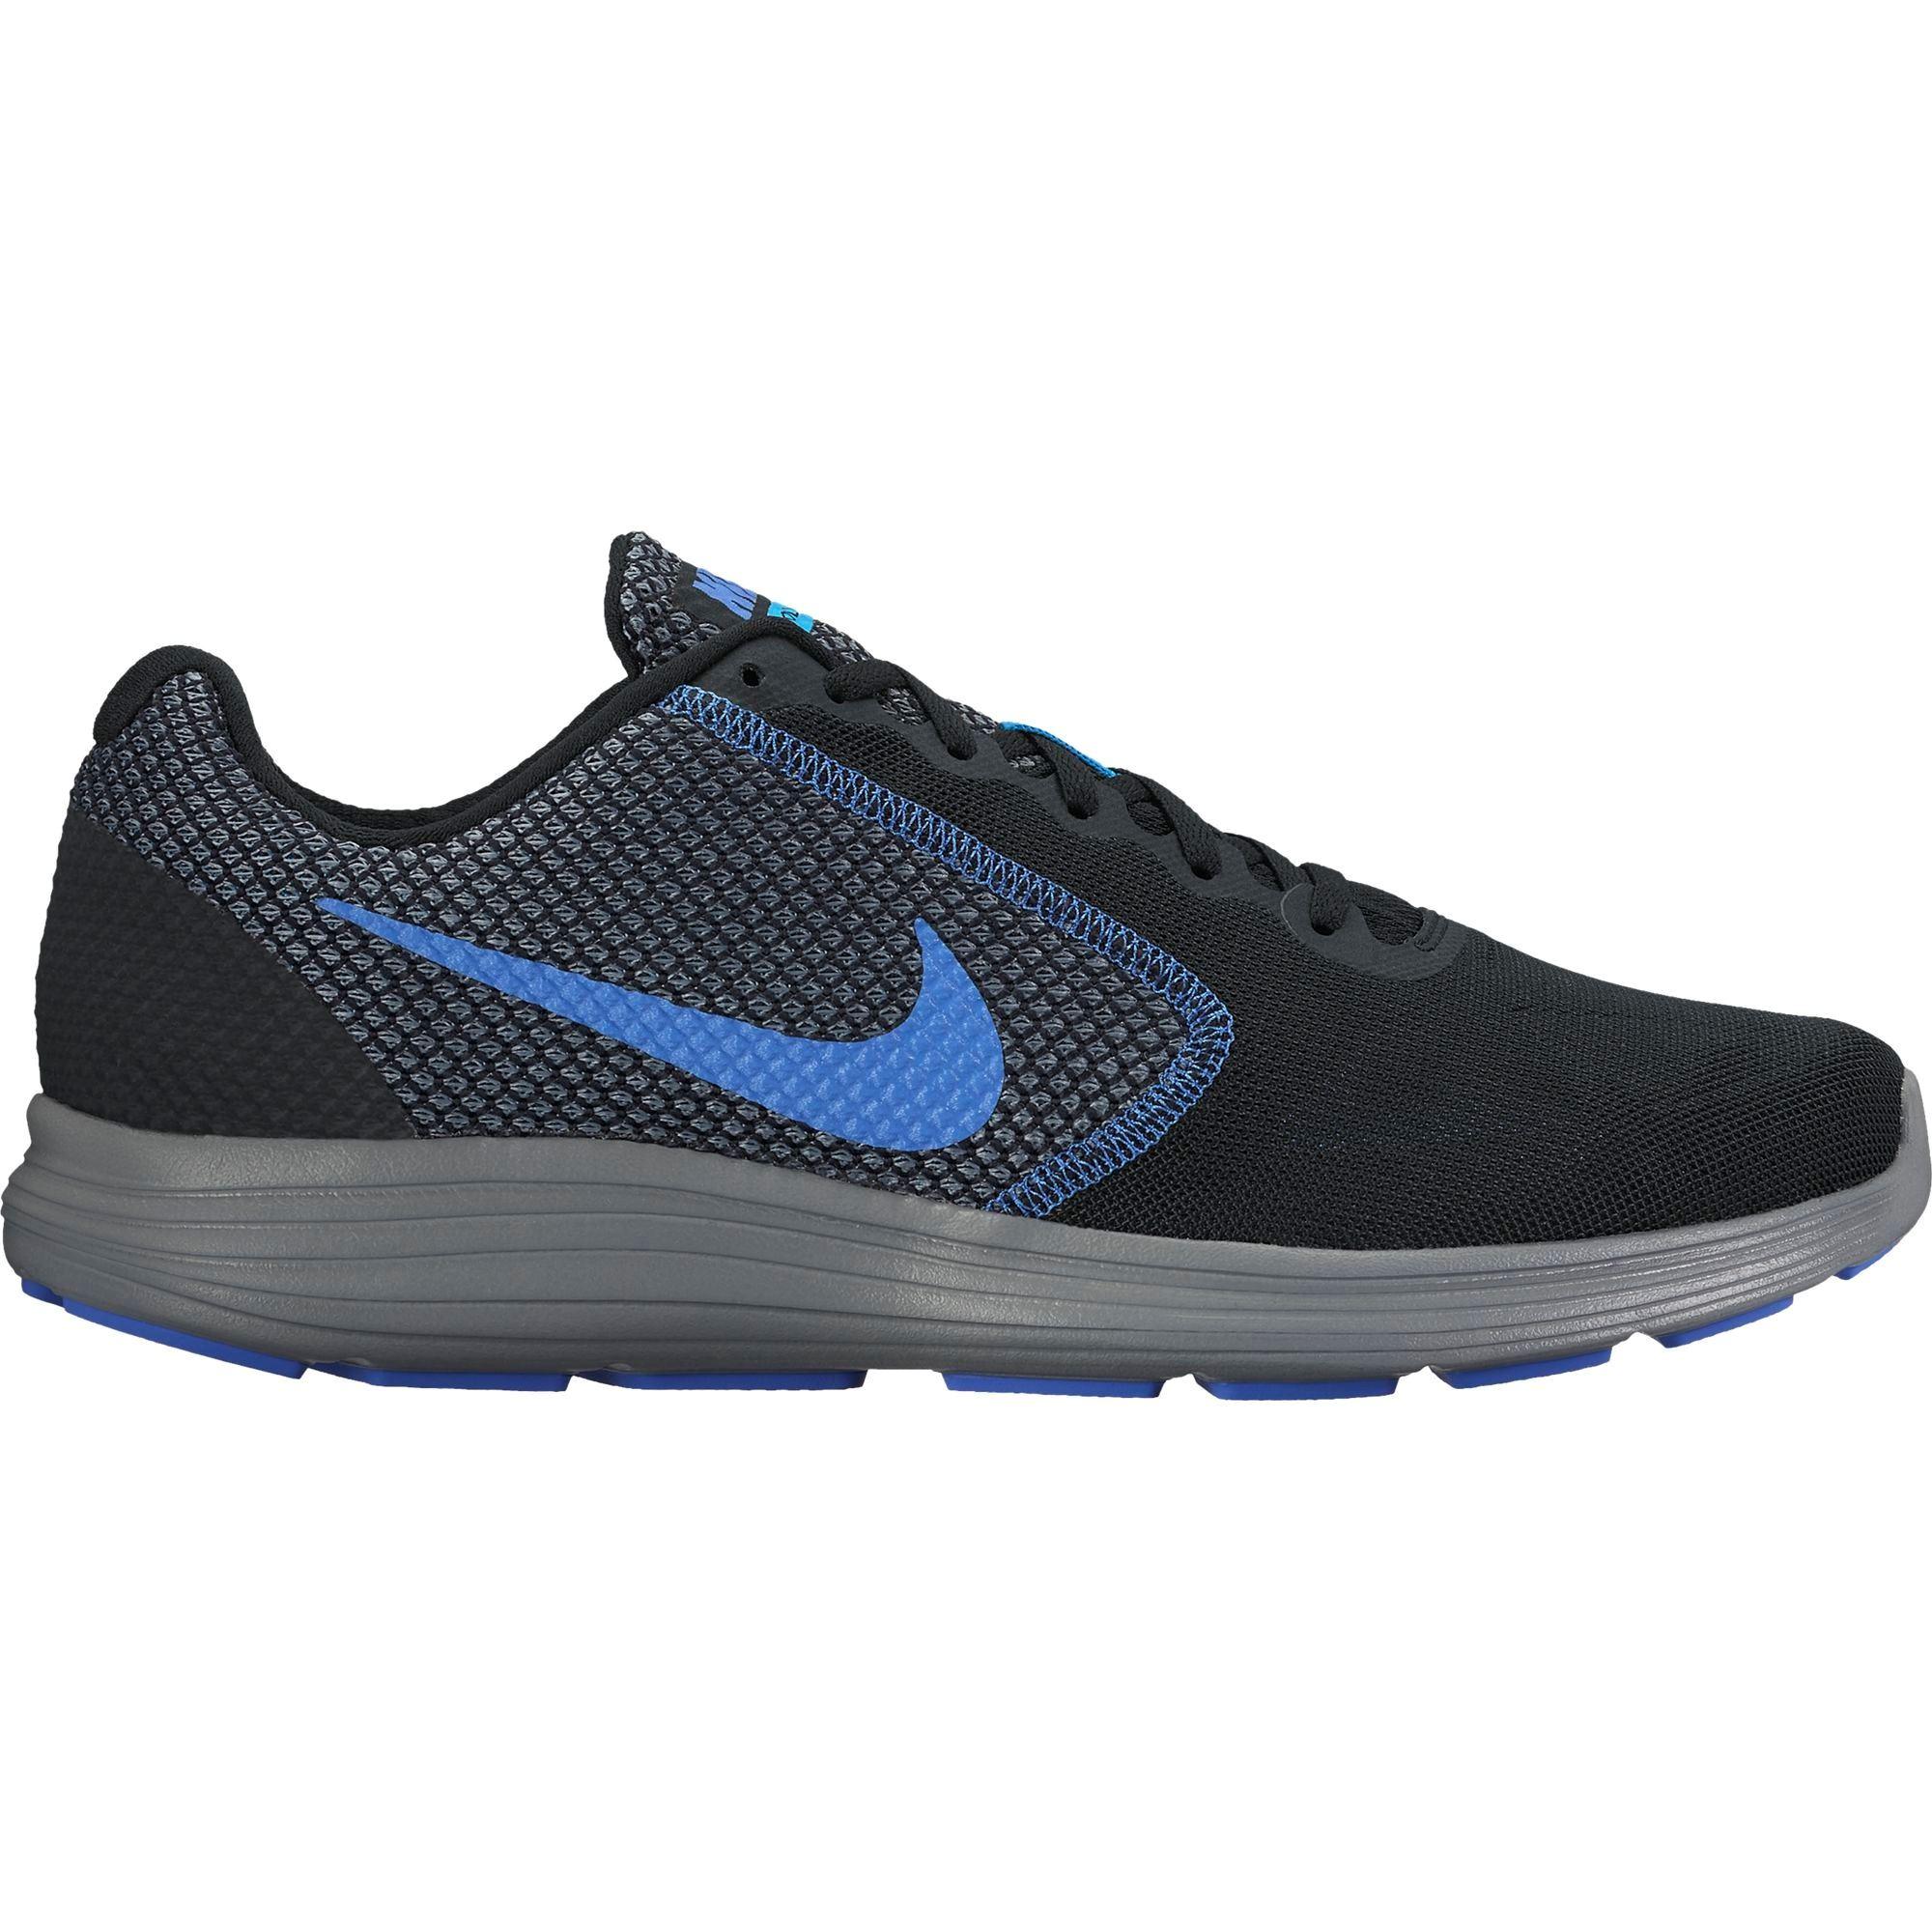 16ad7277e5e Zapatillas Nike Revolution 3 Hombre